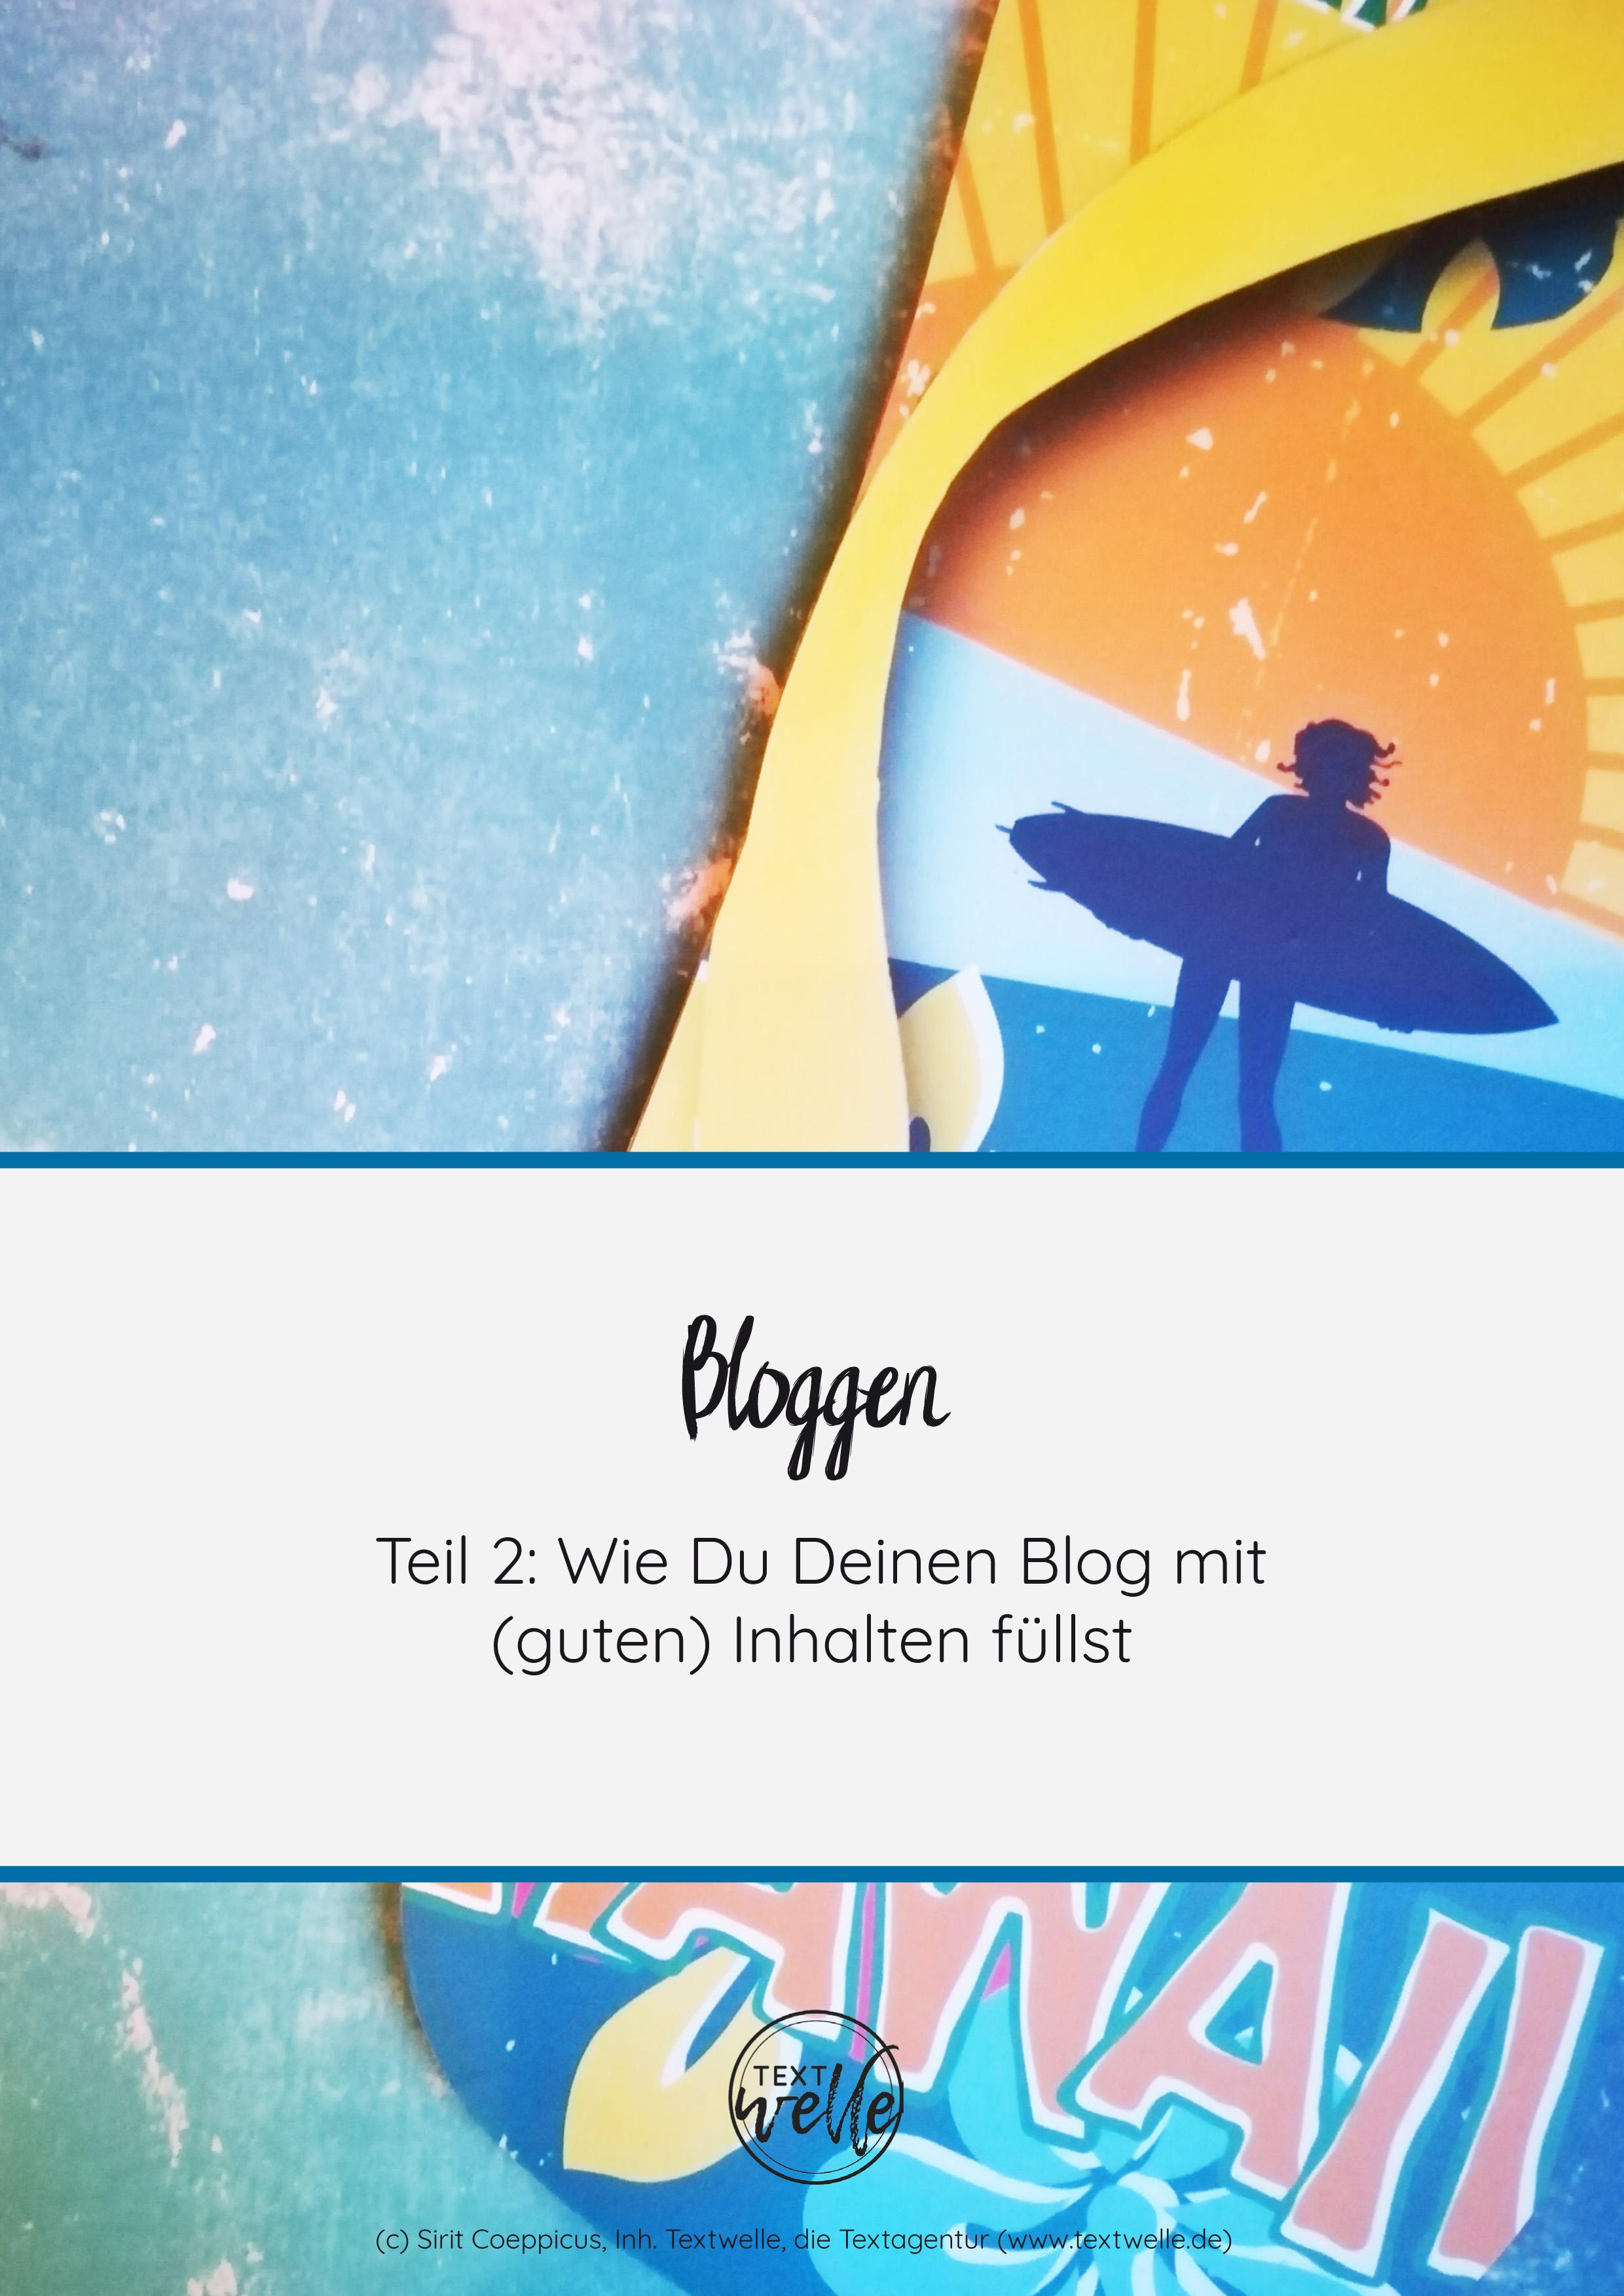 ebook - Bloggen Teil 2 - wie Du Deinen Blog mit guten Inhalten füllst